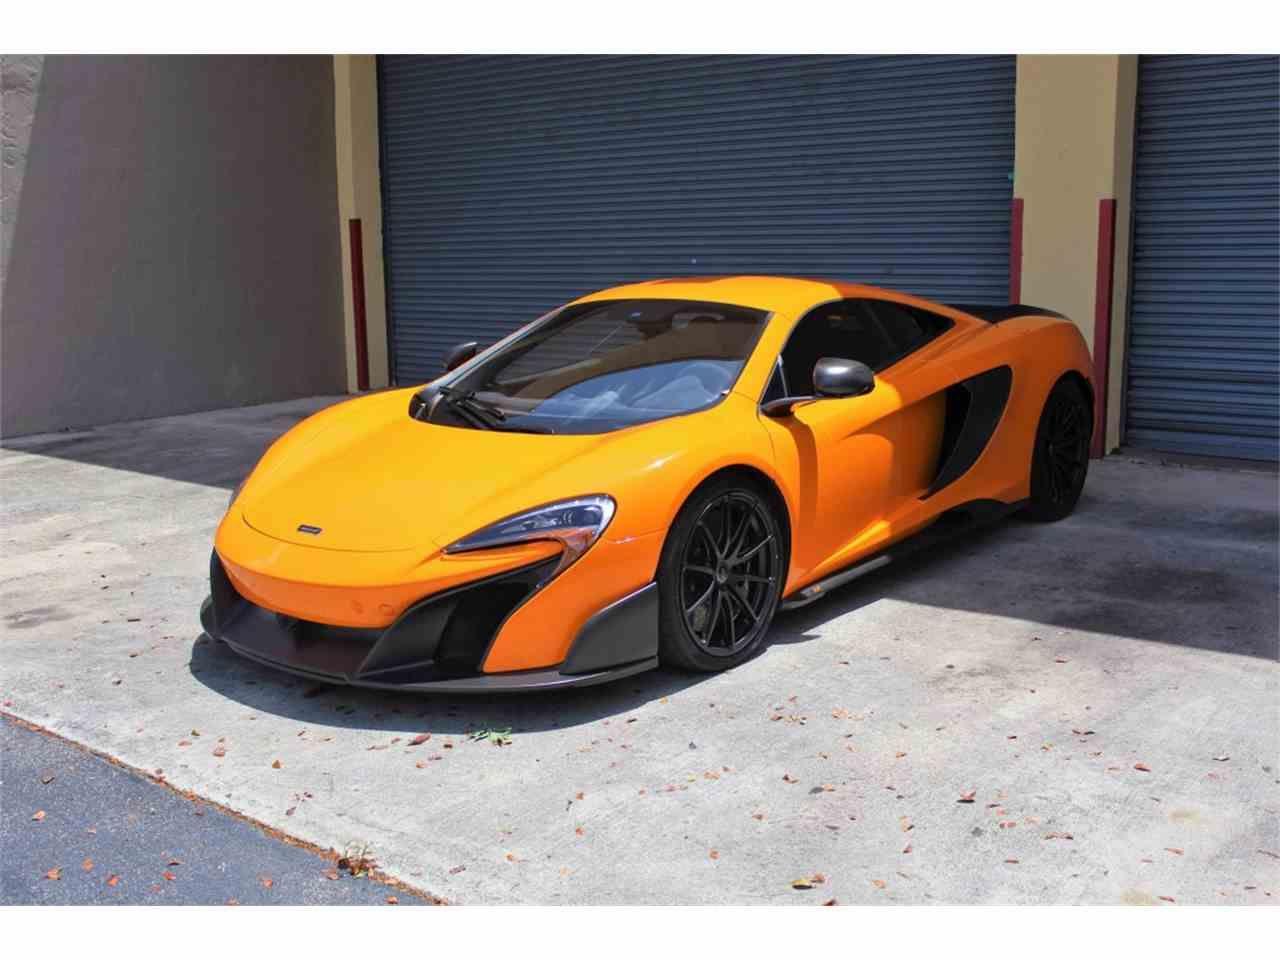 2016 Mclaren 675LT for Sale CC987257 Mclaren 675lt